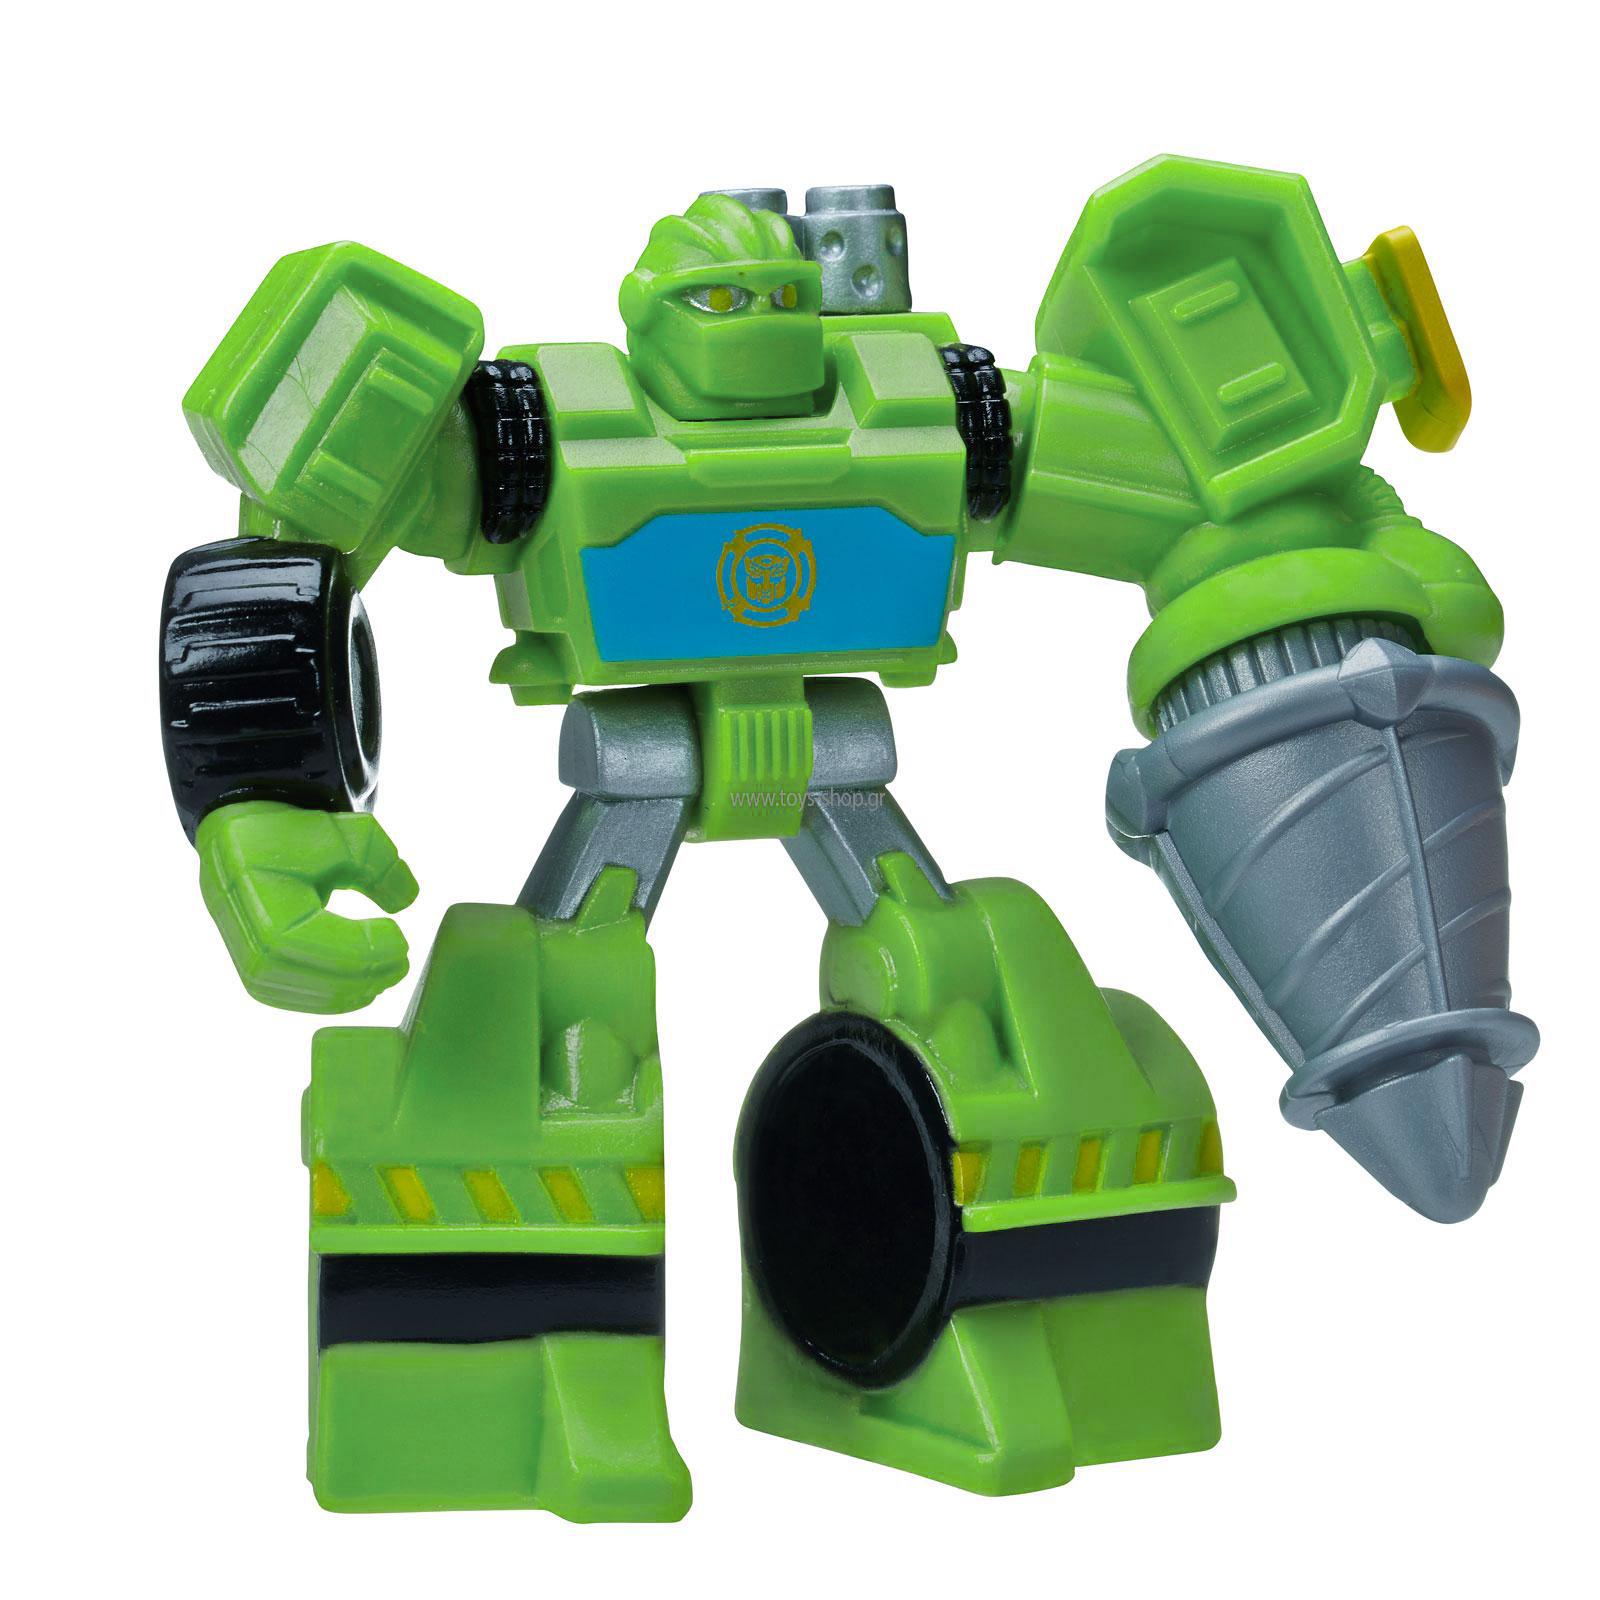 Фигурка Playskool Transformers. The Construction-Bot, цвет: салатовыйB4954EU4Фигурка Construction-Bot из серии Transformers обязательно порадует малыша. Он будут отчаянно сражаться с противниками вместе с другими трансформерами и вашим маленьким героем! Руки и ноги трансформера подвижны. Если нажать кнопку на левом плече, то оружие, которое находится в руке Construction-Bot начинает вращаться. Небольшой размер фигурки, выполненной из безопасных материалов, разработан специально для маленьких детских ручек. Придумывать различные увлекательные сюжеты вместе с героями Rescue Bots станет еще интереснее, ведь вы можете собрать целую коллекцию!